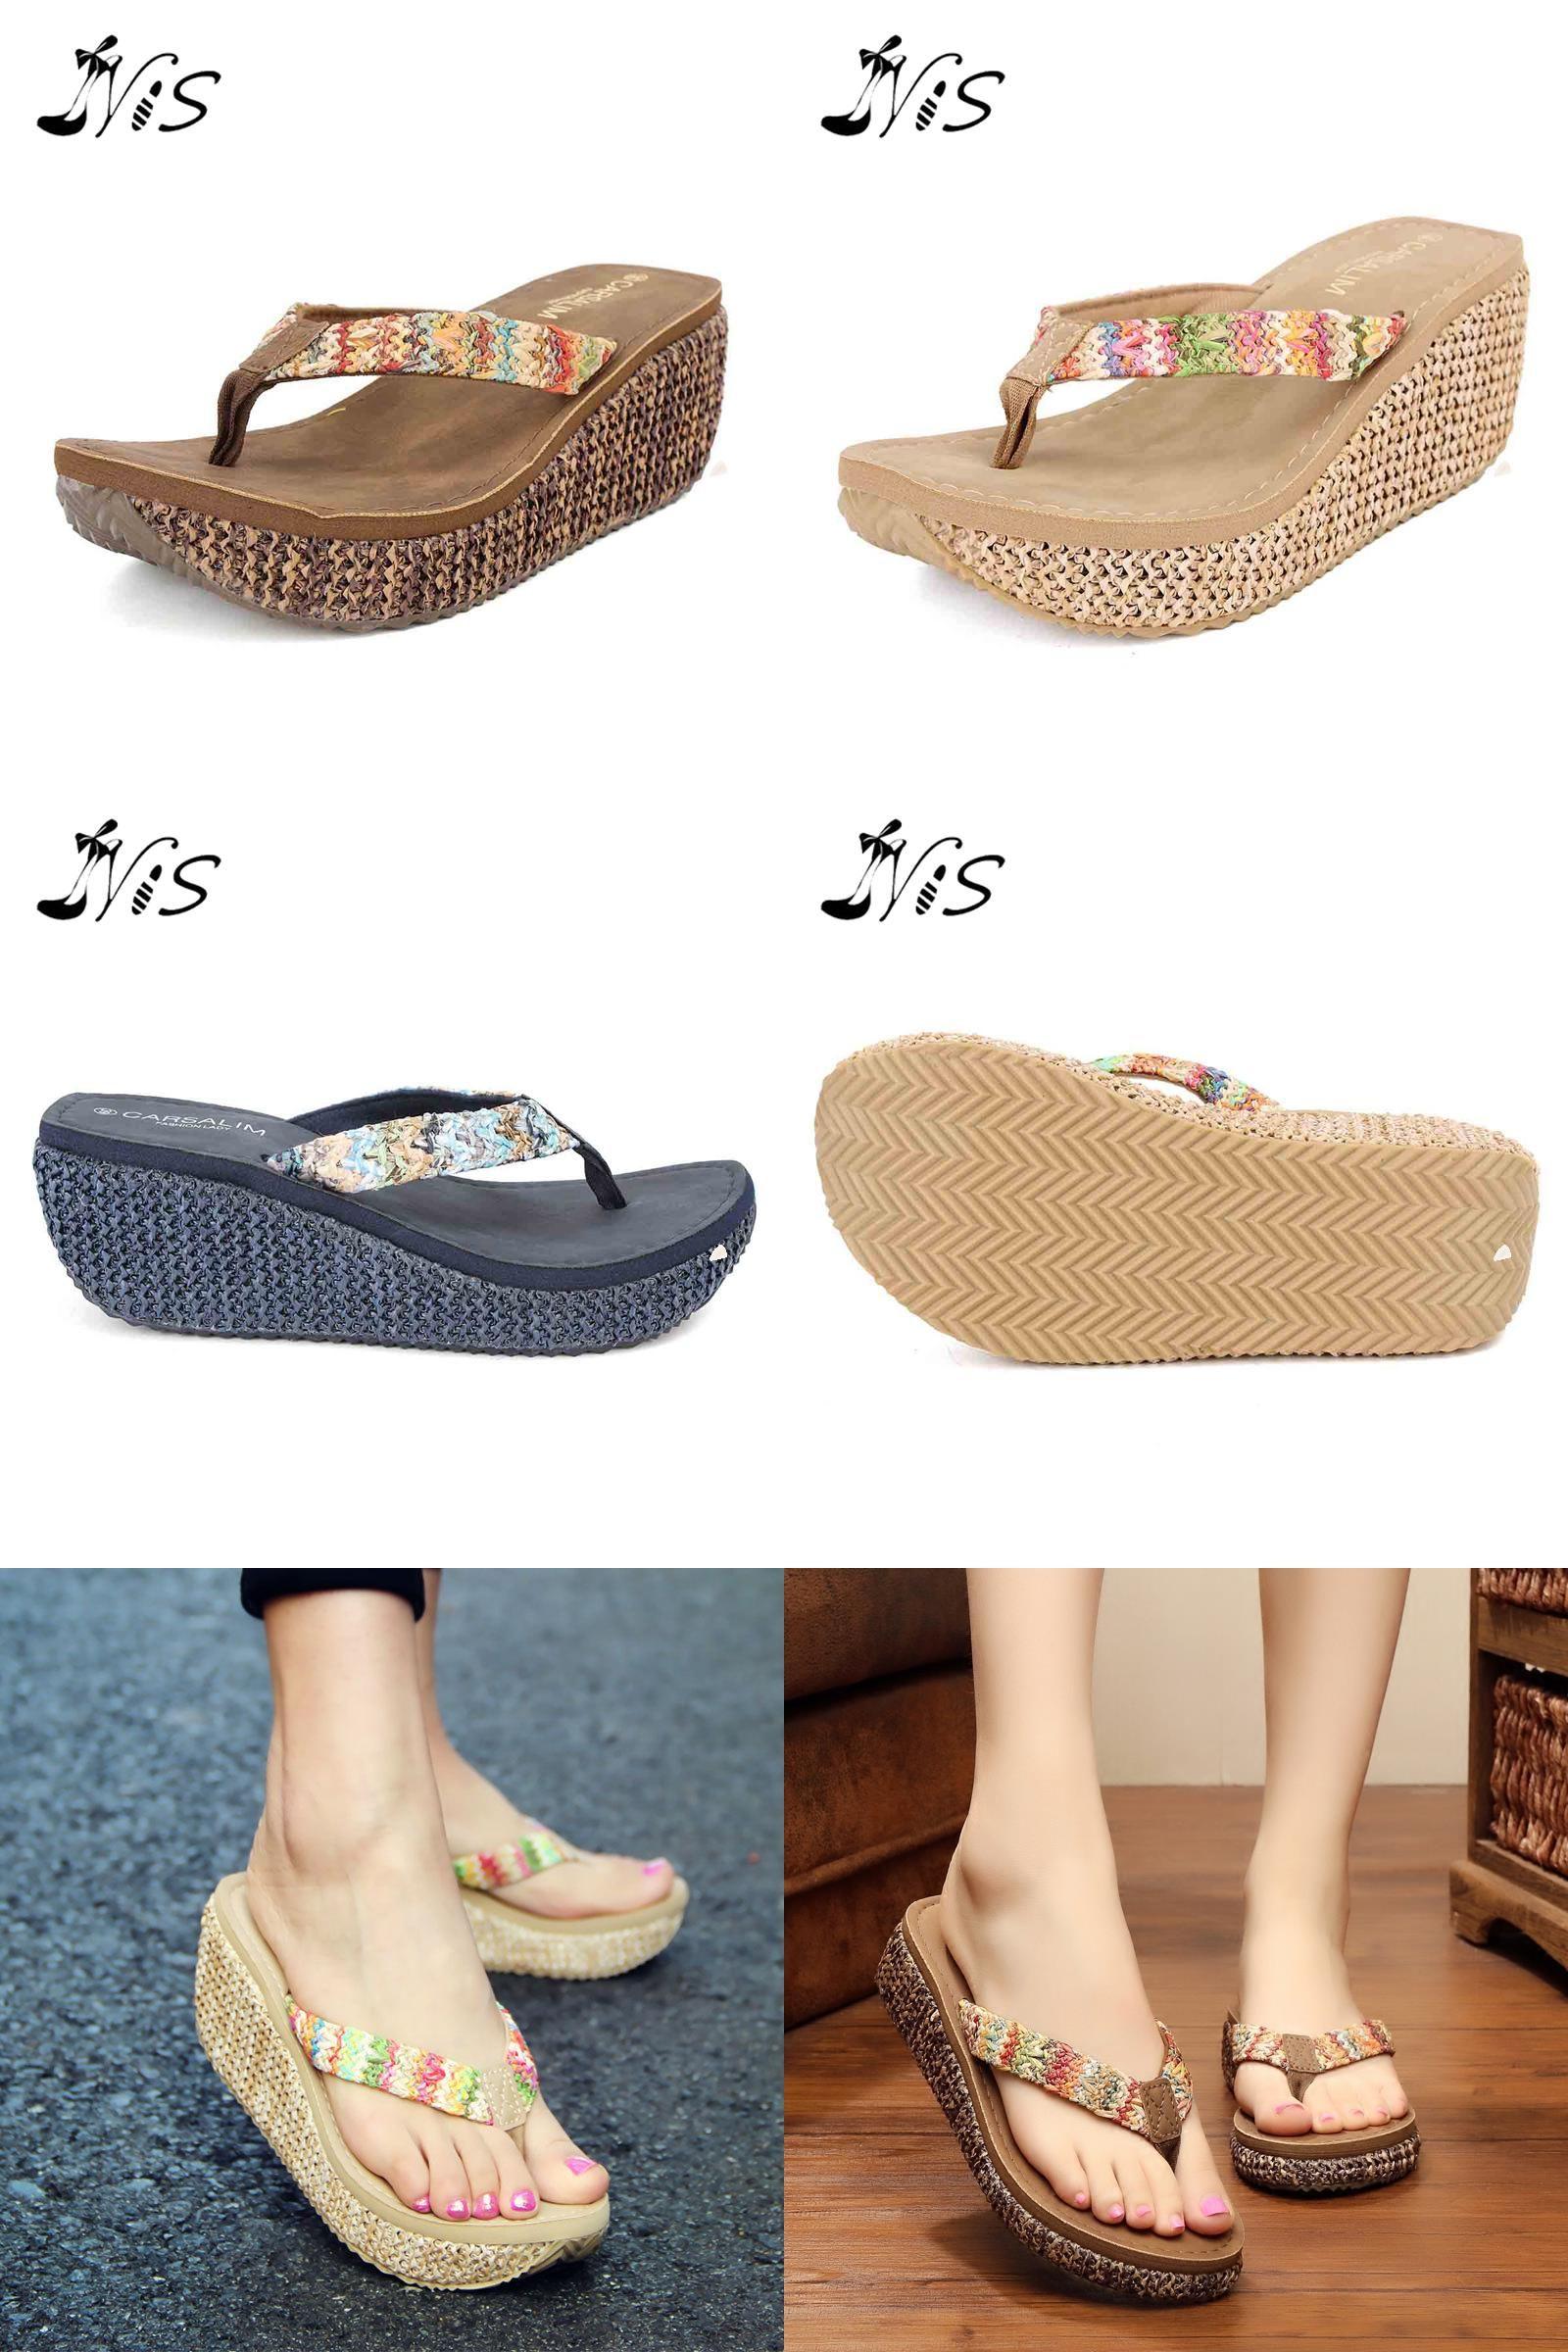 Women Bowknot Summer Sandals Dressy de Mujer Slippers Indoor Outdoor Flip-Flops Comfortable Beach Shoes